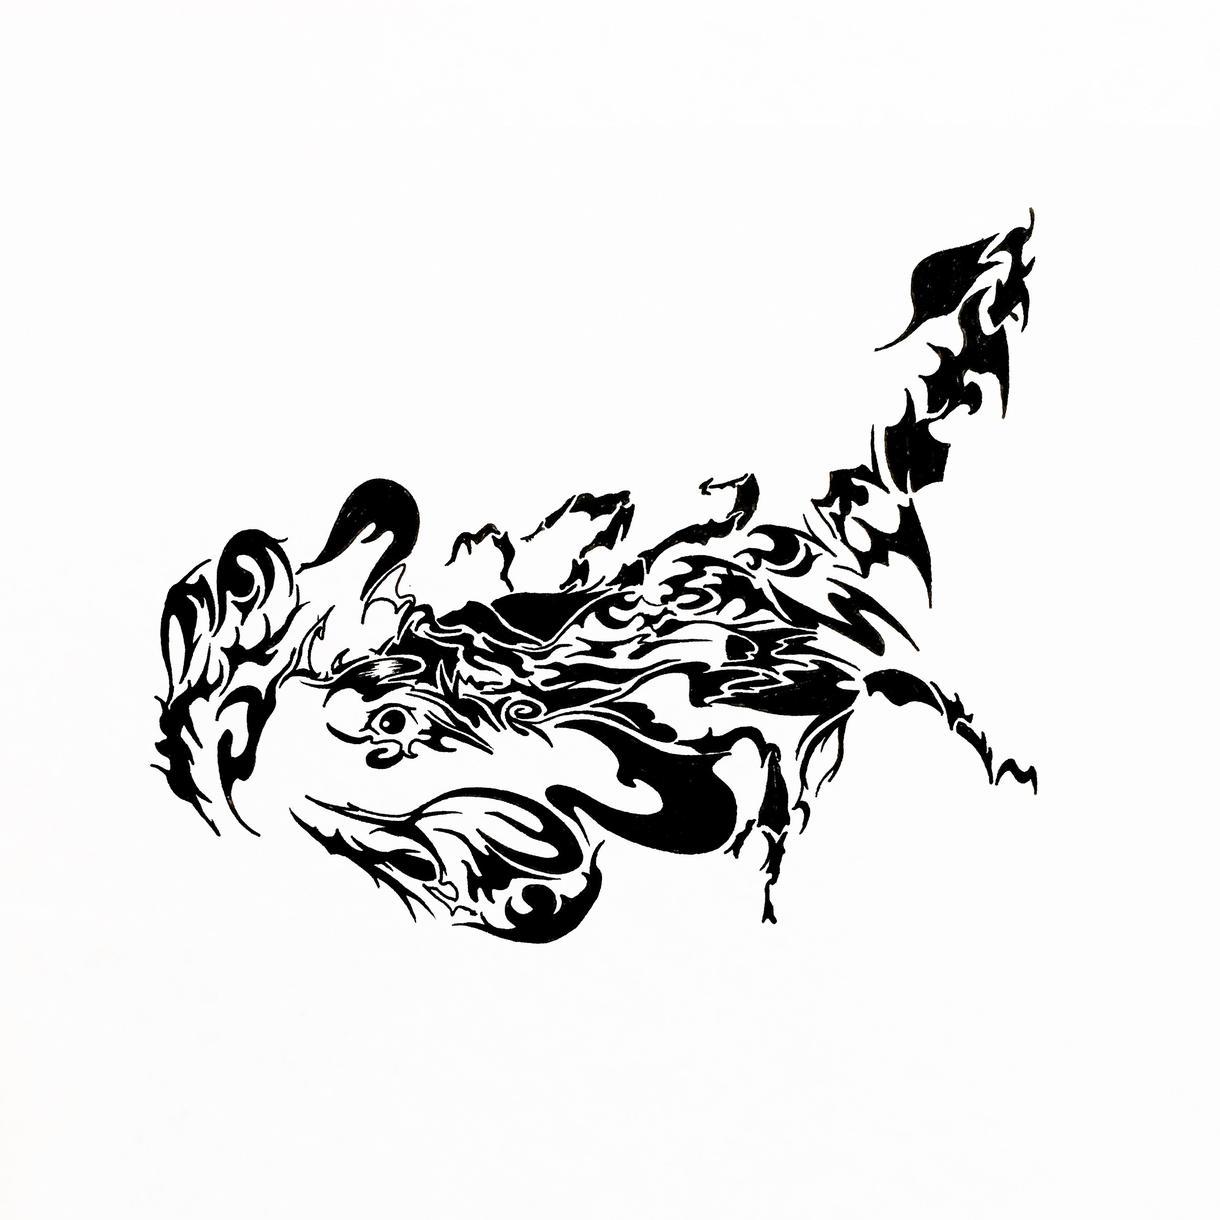 トライバル画のデザインをいたします 名刺や企業のロゴ等、多方面で使用可能です!